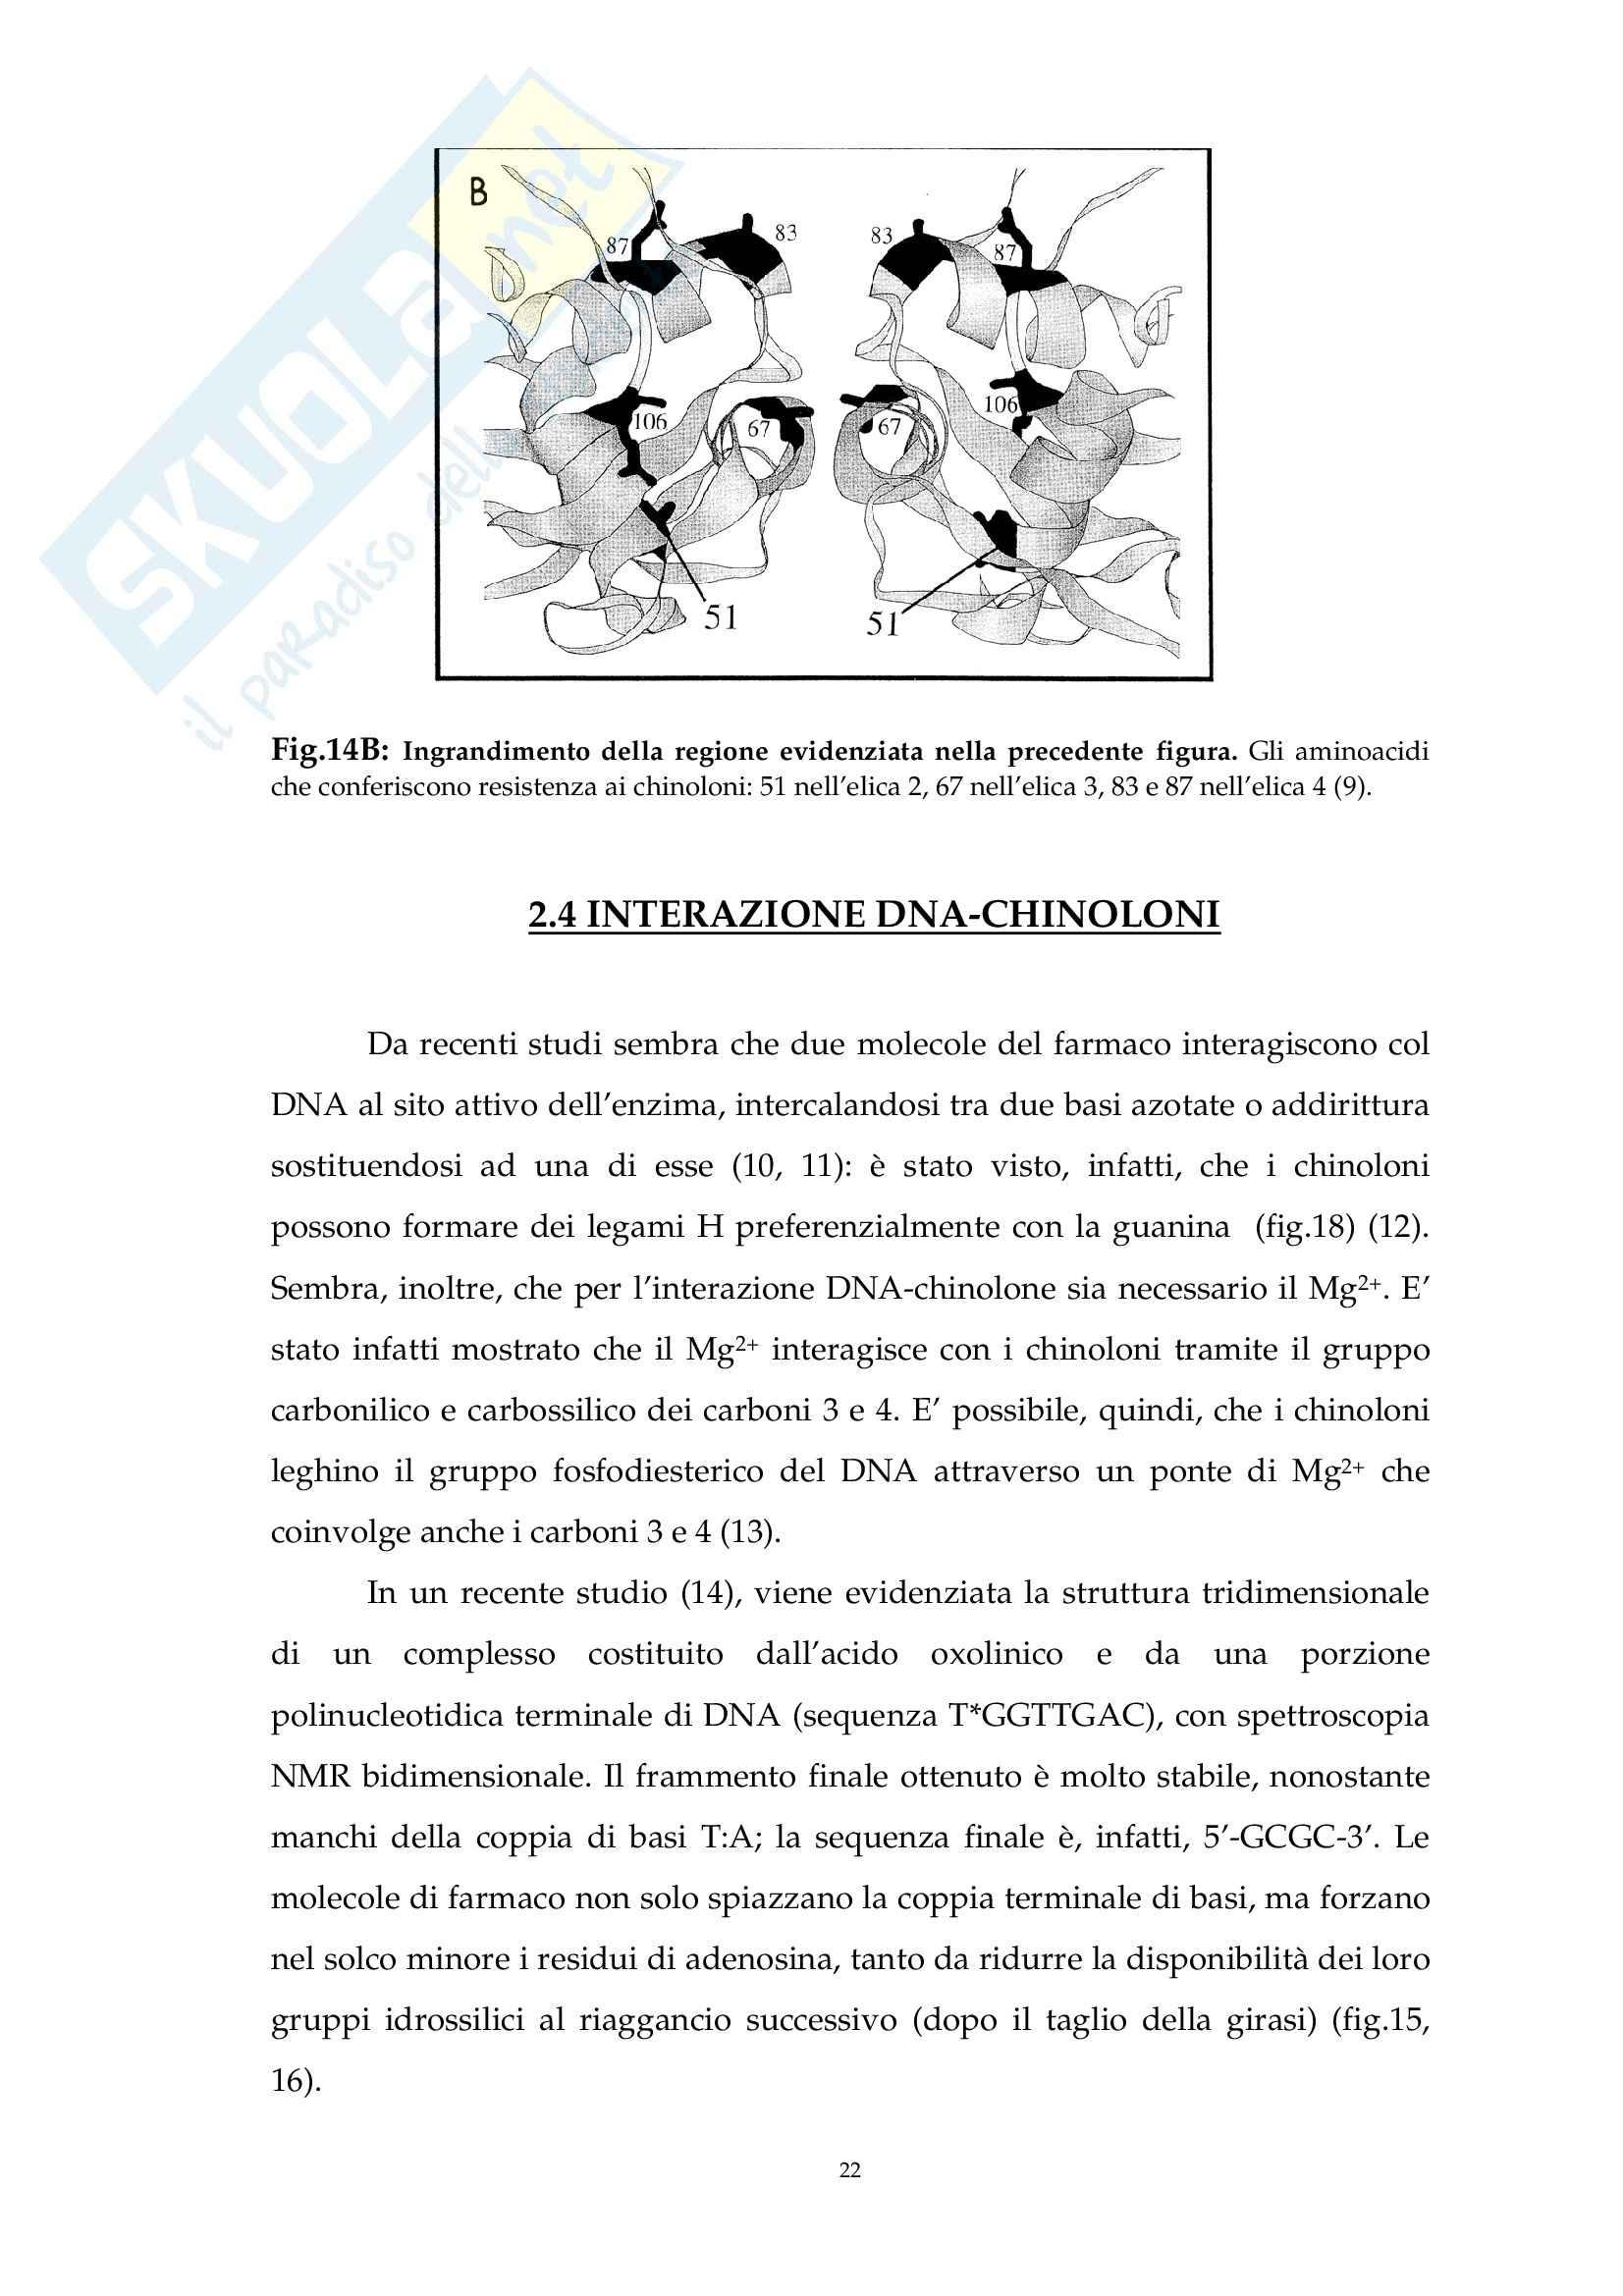 Chimica farmaceutica - i chinoloni Pag. 21